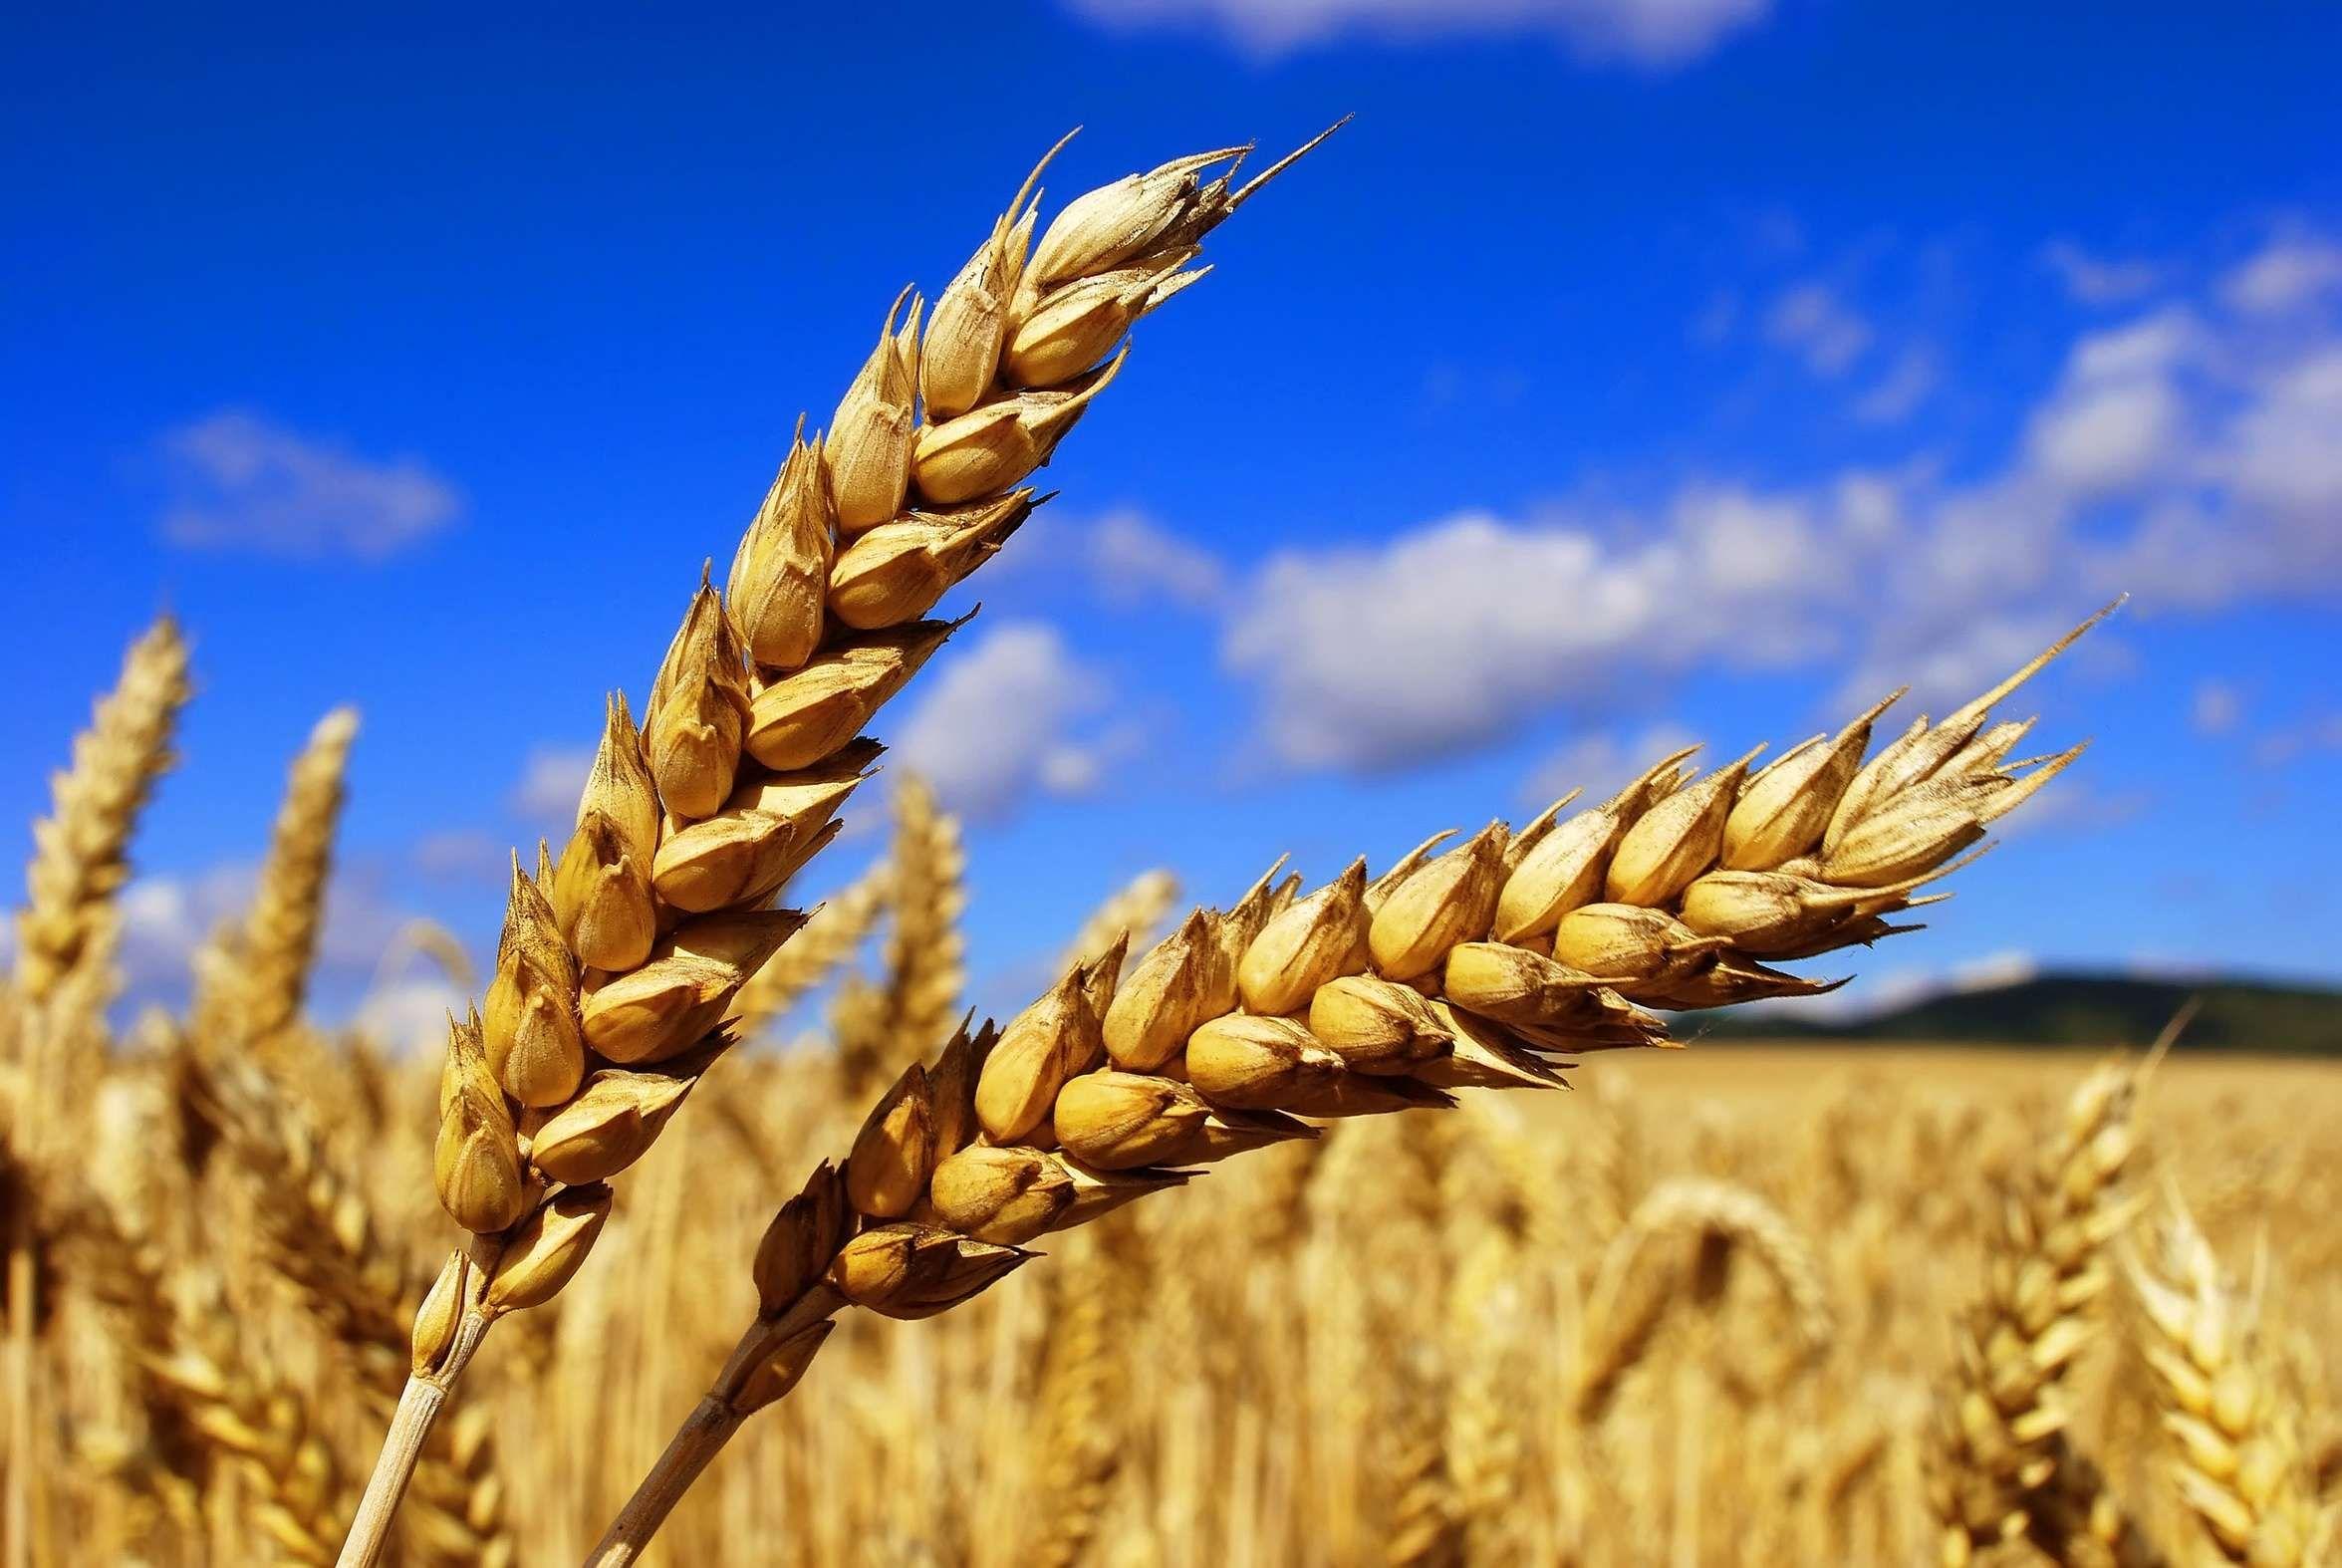 Казахстан планирует экспортировать в Китай 500 тыс тонн пшеницы- Kapital.kz